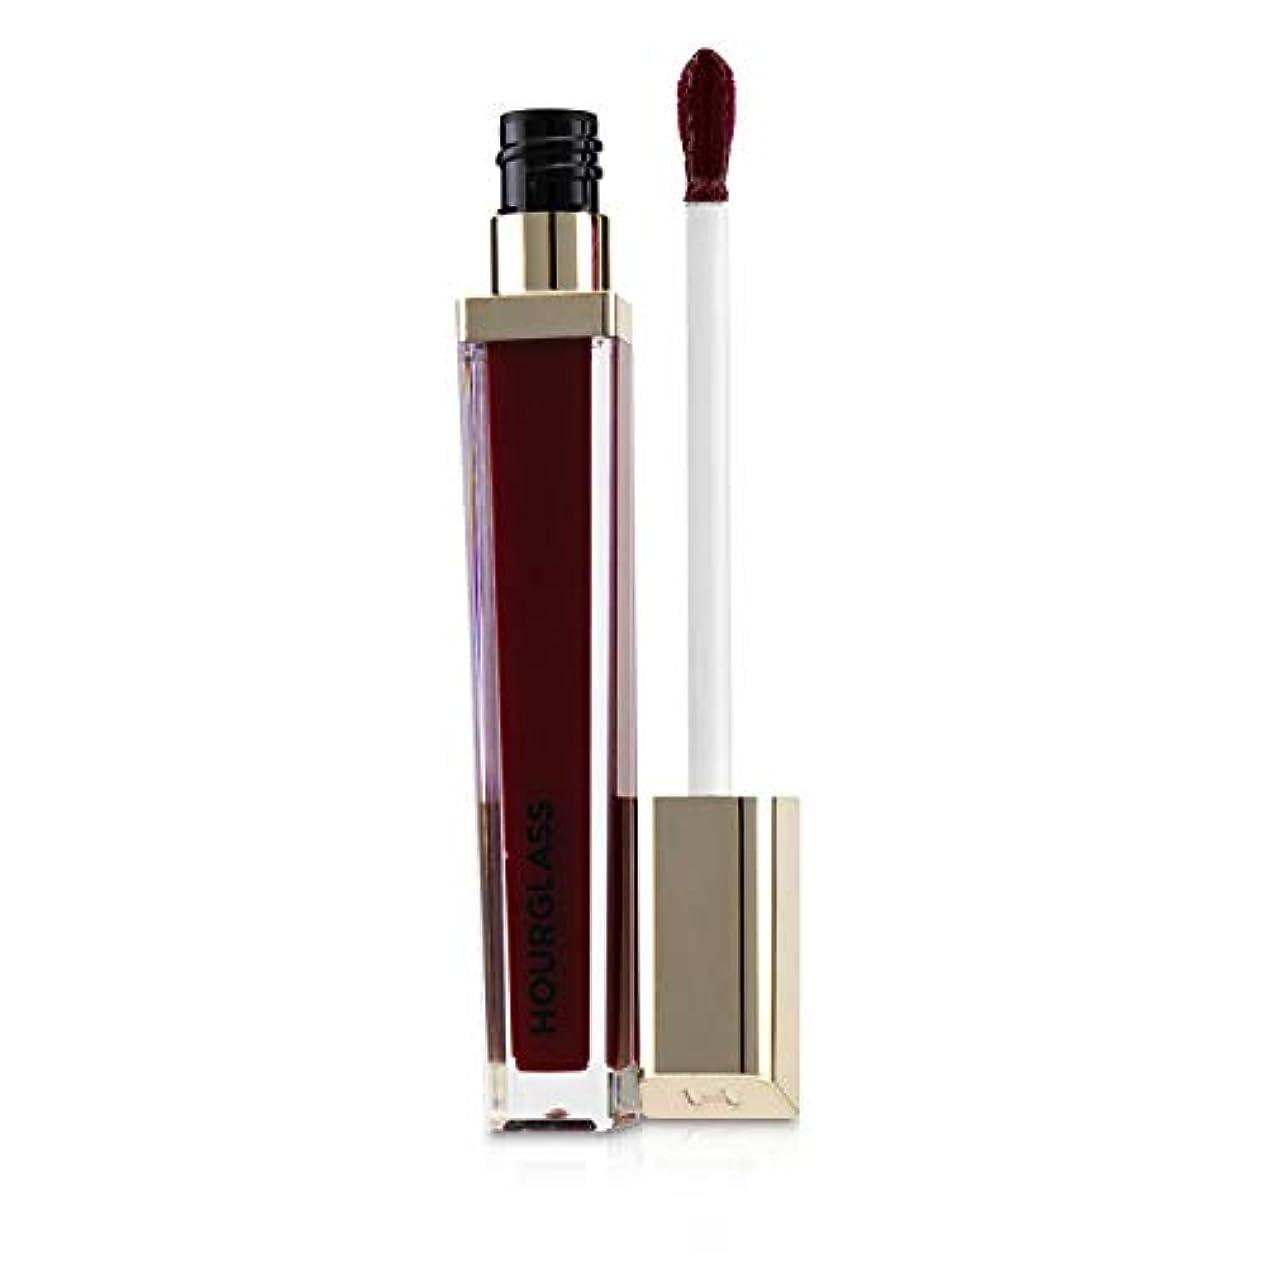 蒸発高尚な先祖アワーグラス Unreal High Shine Volumizing Lip Gloss - # Icon (Blue Red) 5.6g/0.2oz並行輸入品